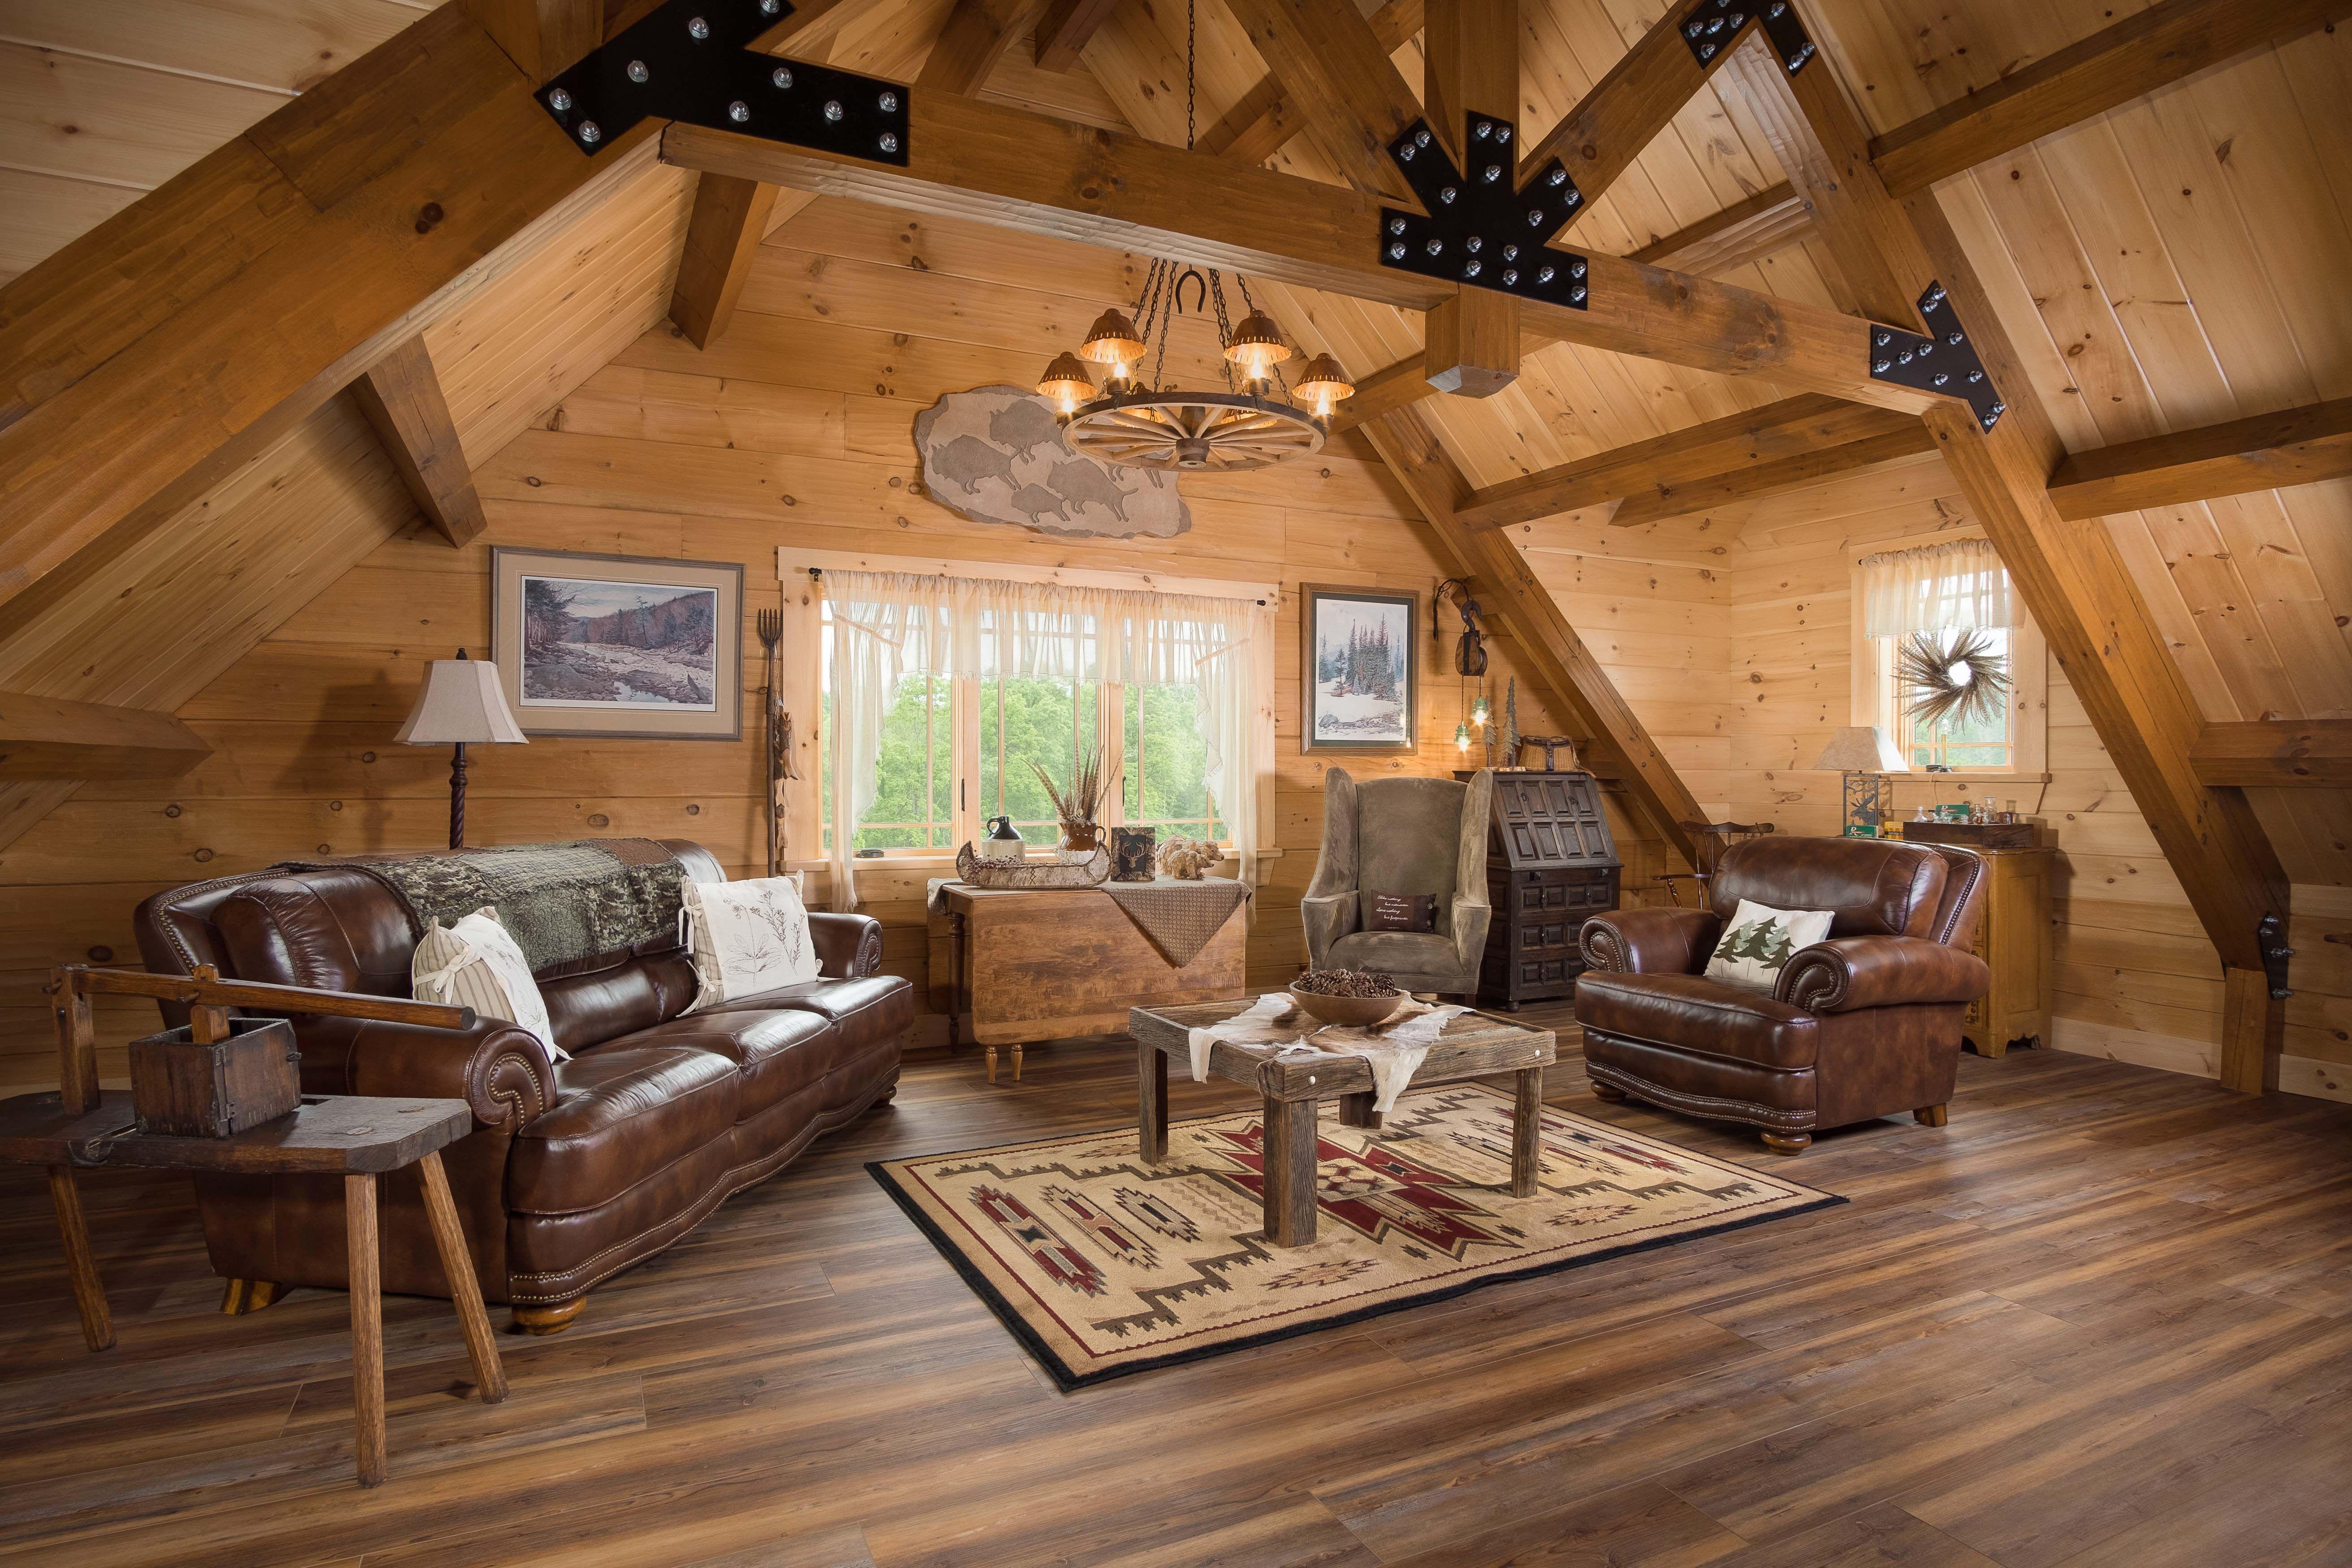 Pin on Log Homes